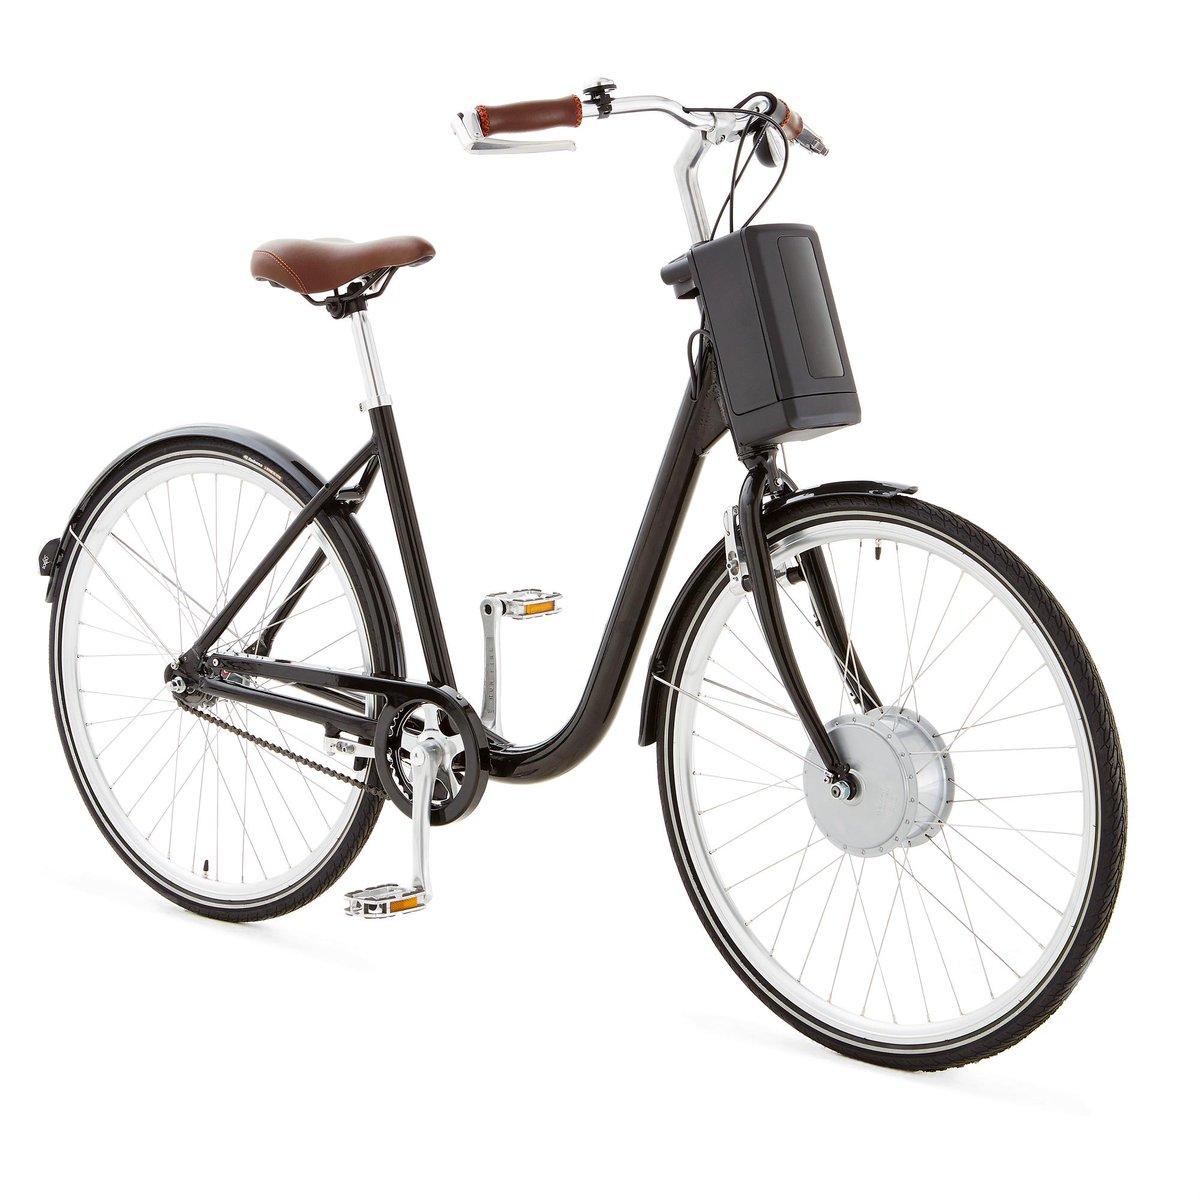 FOTO La bici a pedalata assistita Askoll eB1